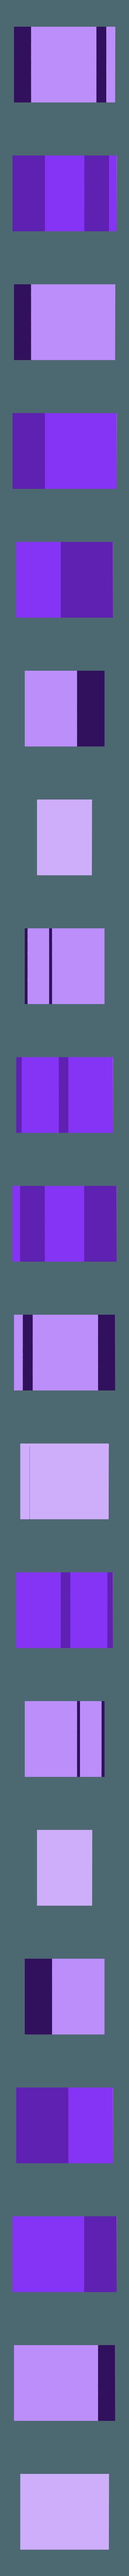 supporto_parete.stl Télécharger fichier STL gratuit Distributore corente • Modèle pour impression 3D, Scigola